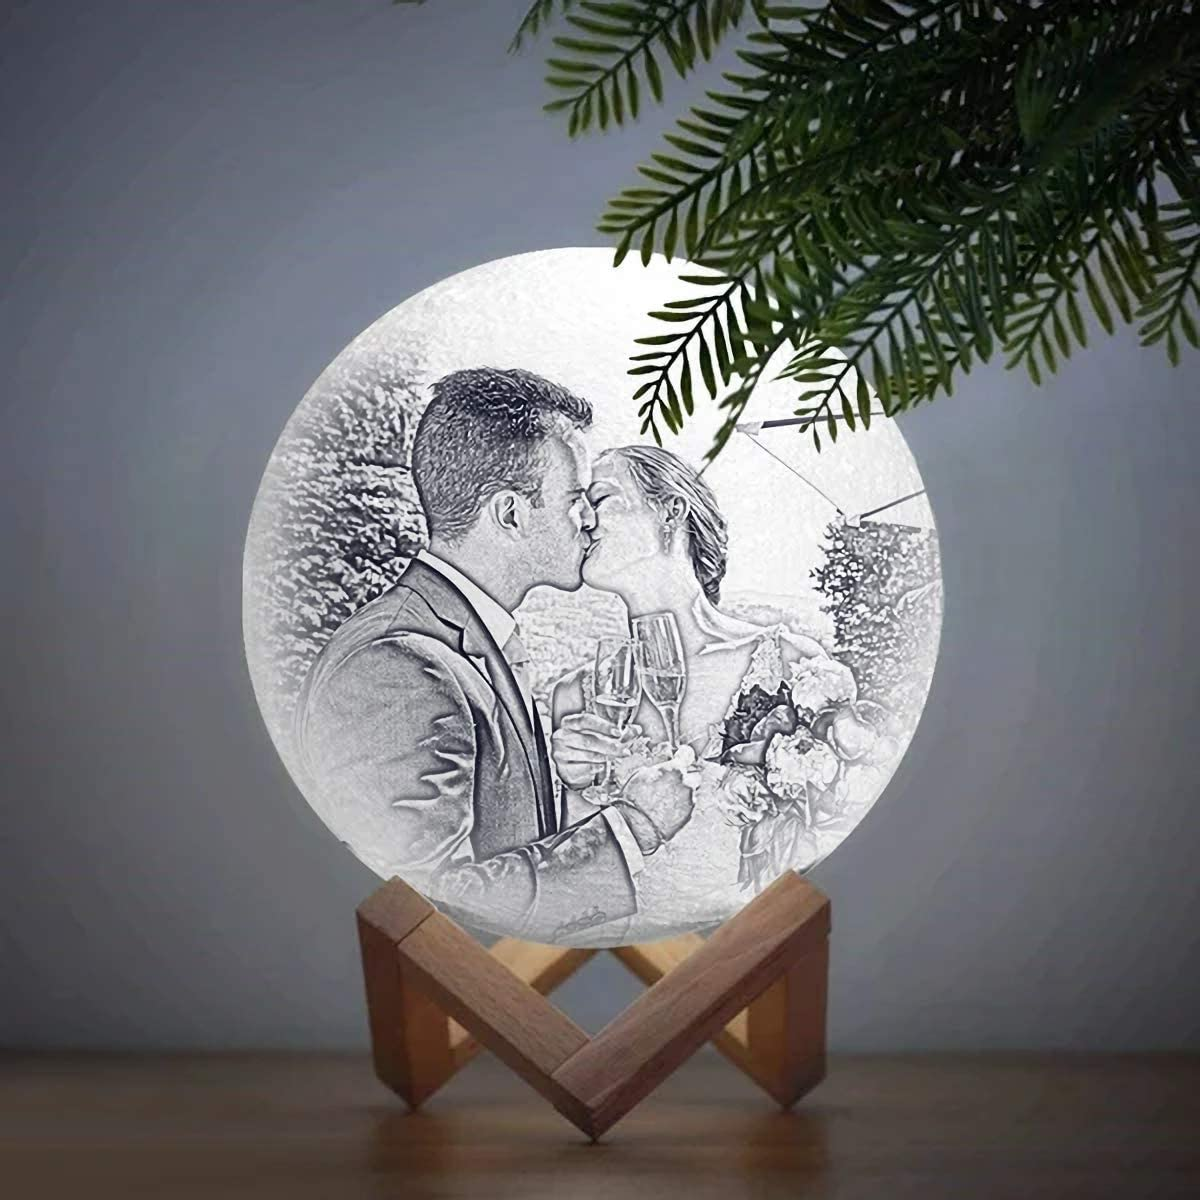 Personalisierte Nachttischlampe mit Eigenem Foto und Text Nachtlicht 3D Bedrucken 16 Farben Touch Dimmbar Led Mondlampe Bild Selbst Gestalten Sternenhimmel f/ür Baby Kinder Freund Zimmer Geschenk